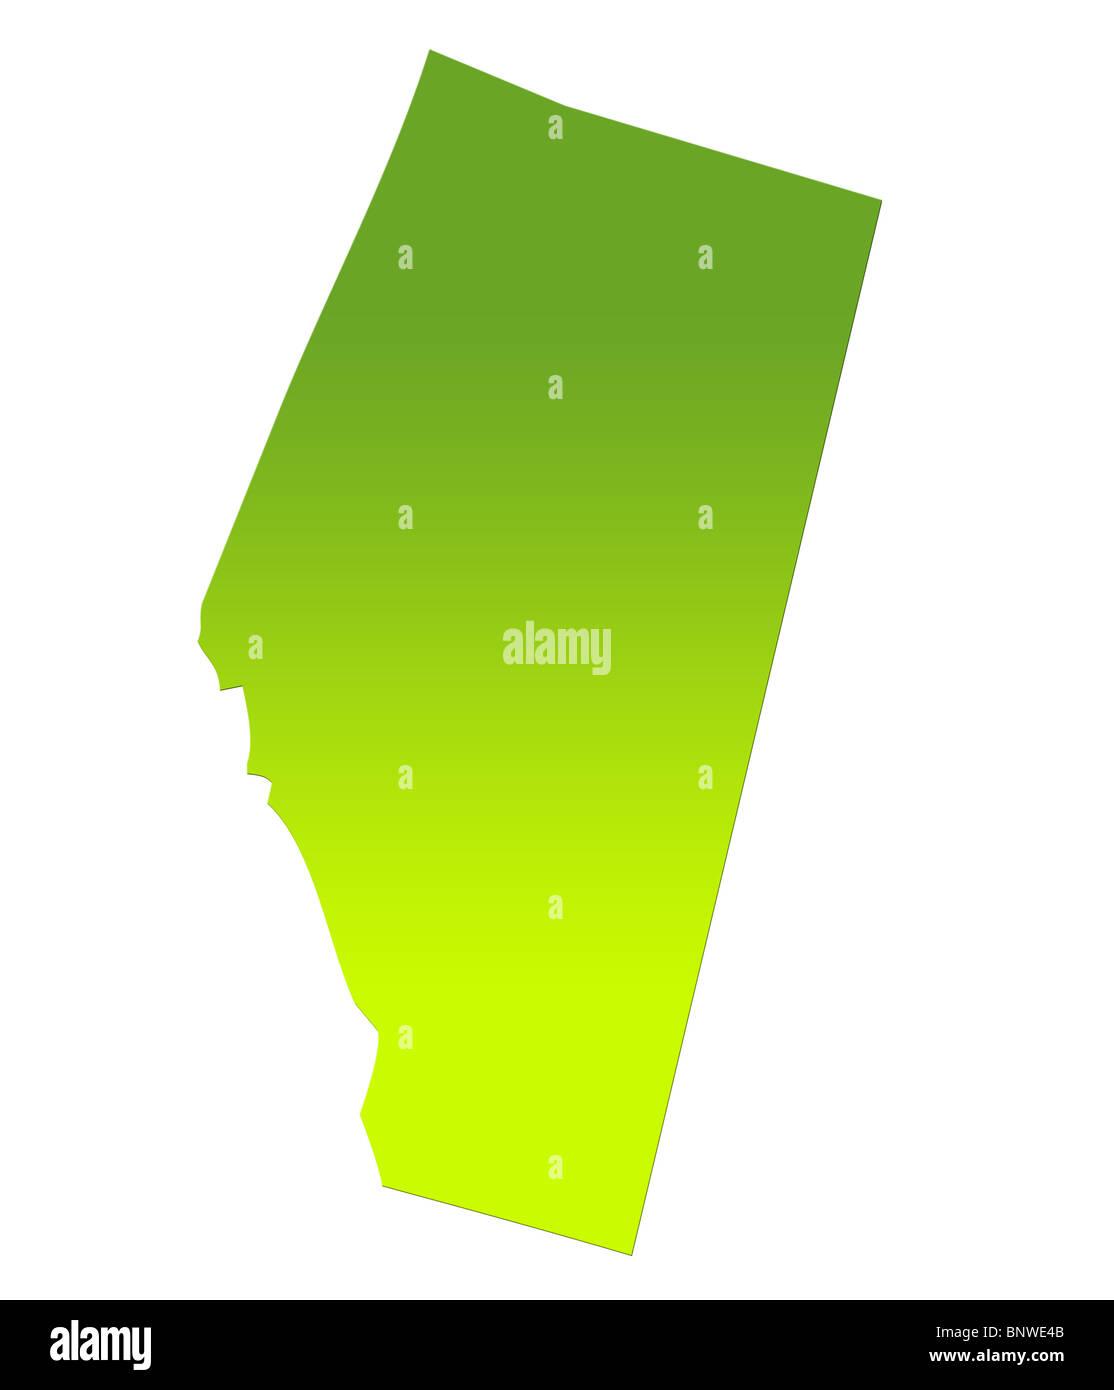 Alberta provincia del Canada mappa di gradiente verde, isolati su sfondo bianco. Foto Stock